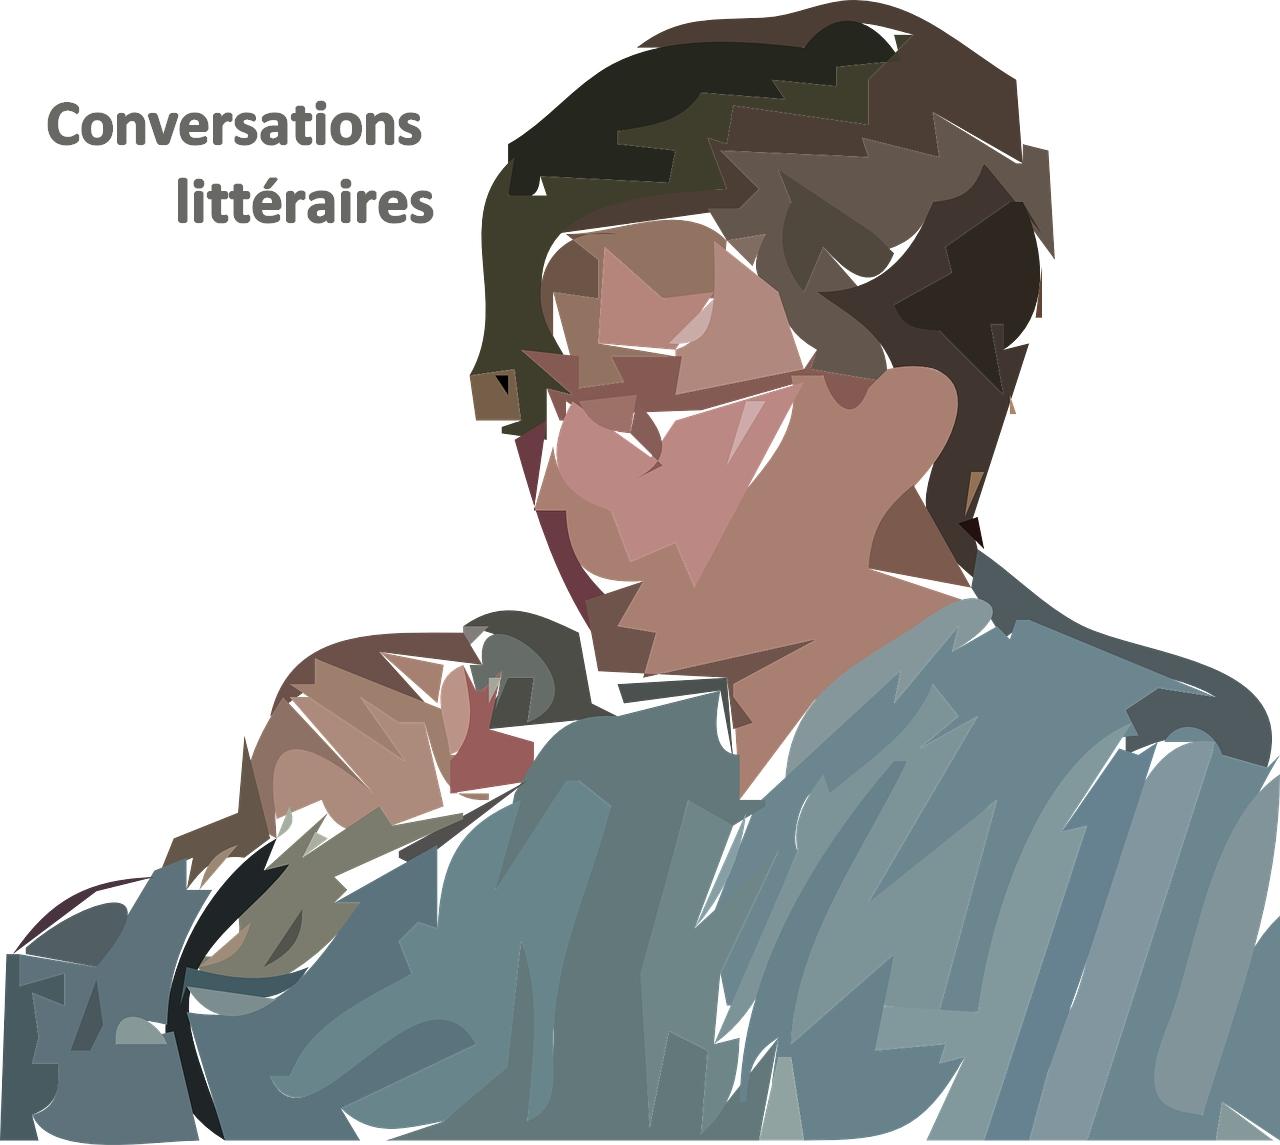 Programme des conversations littéraires